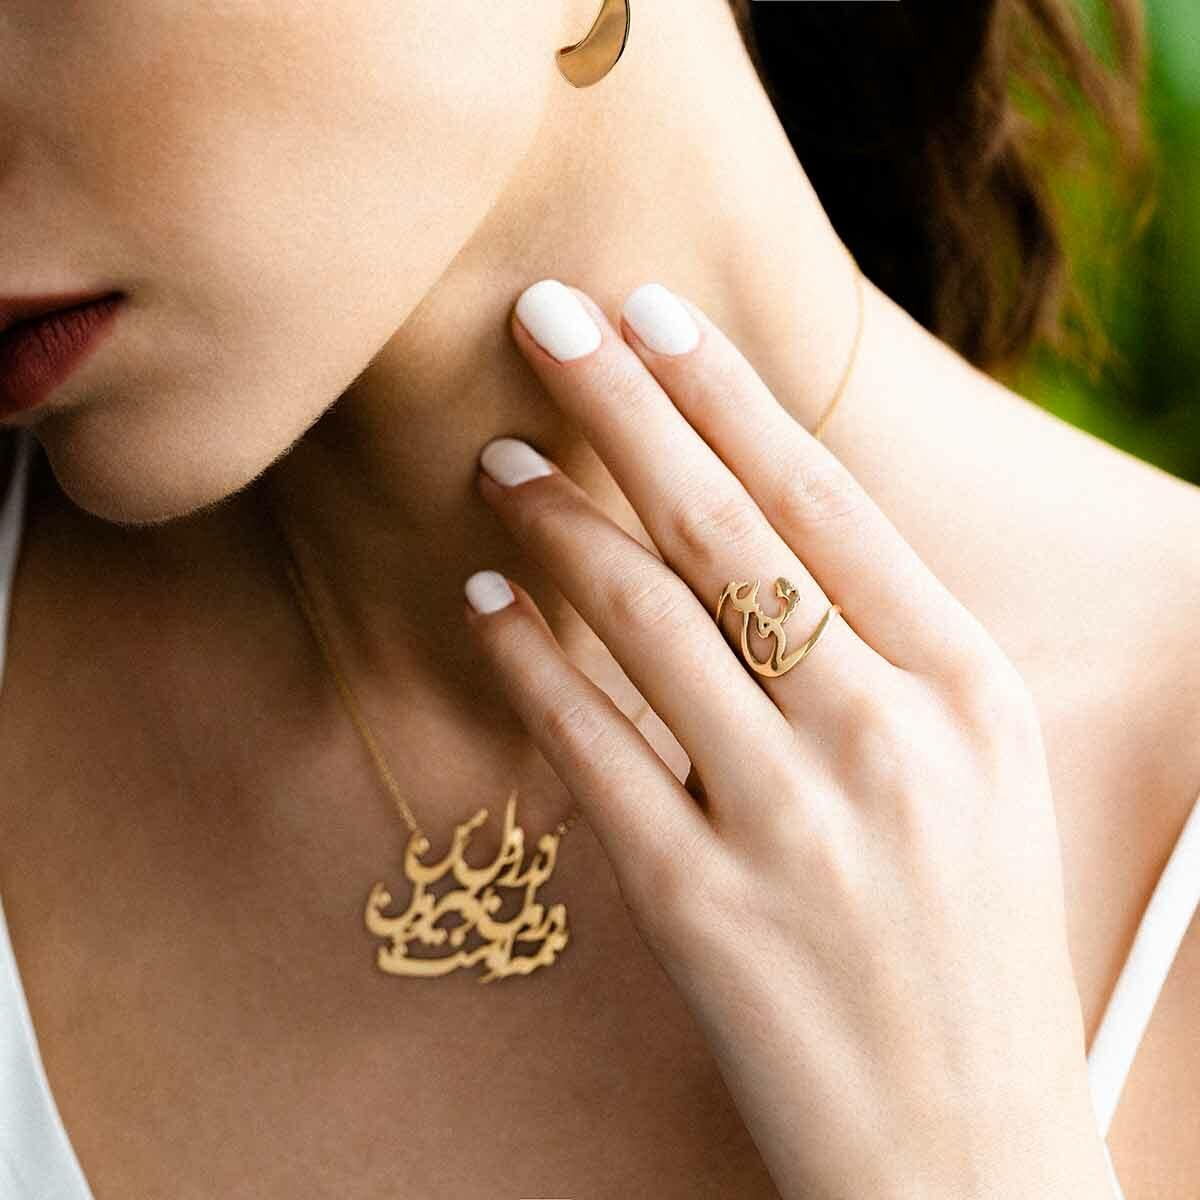 انگشتر طلا عشق پرسته